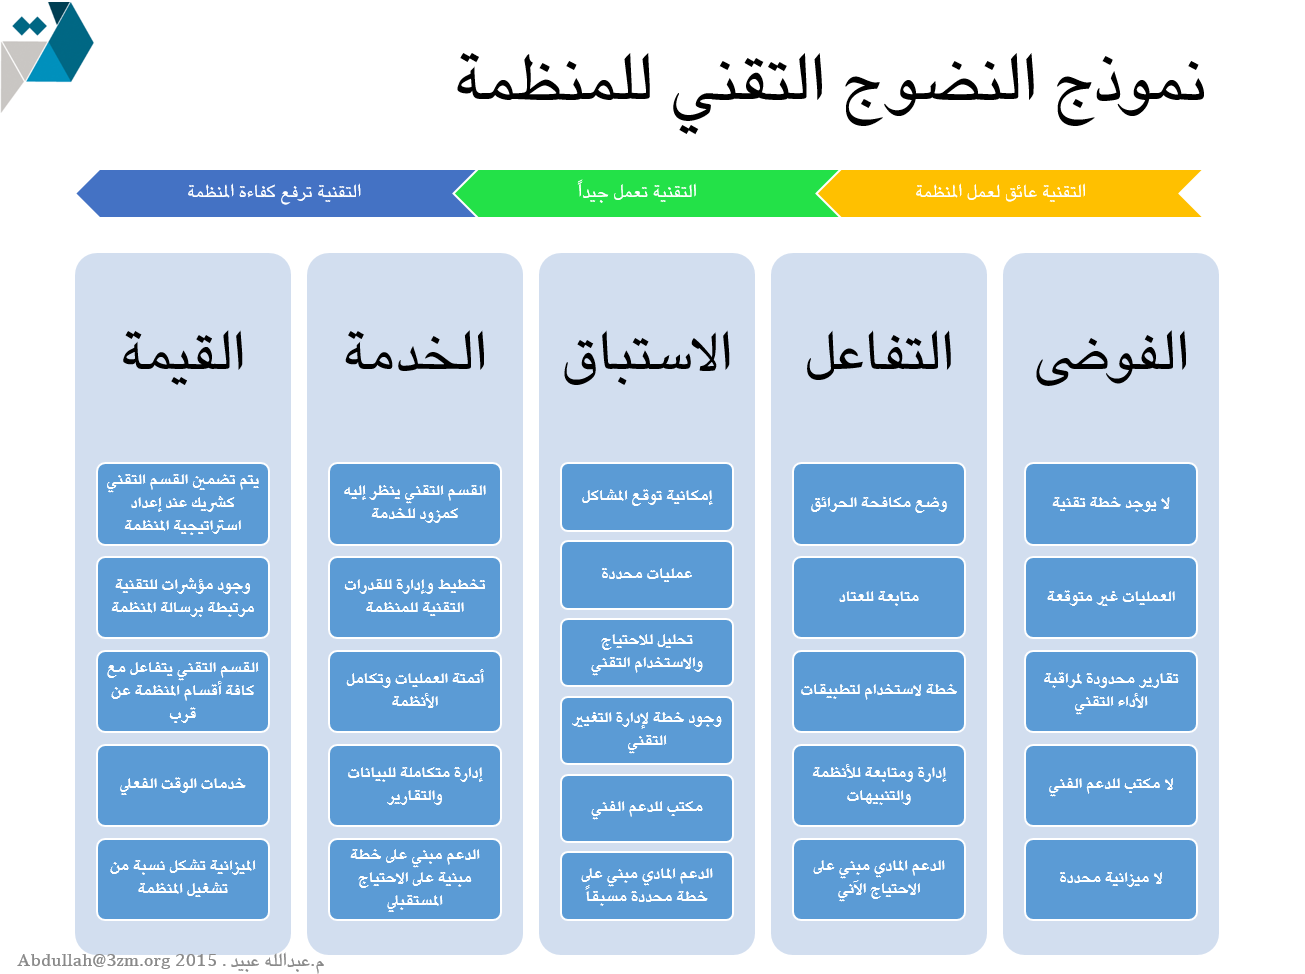 نموذج النضوج التقني للمنظمة